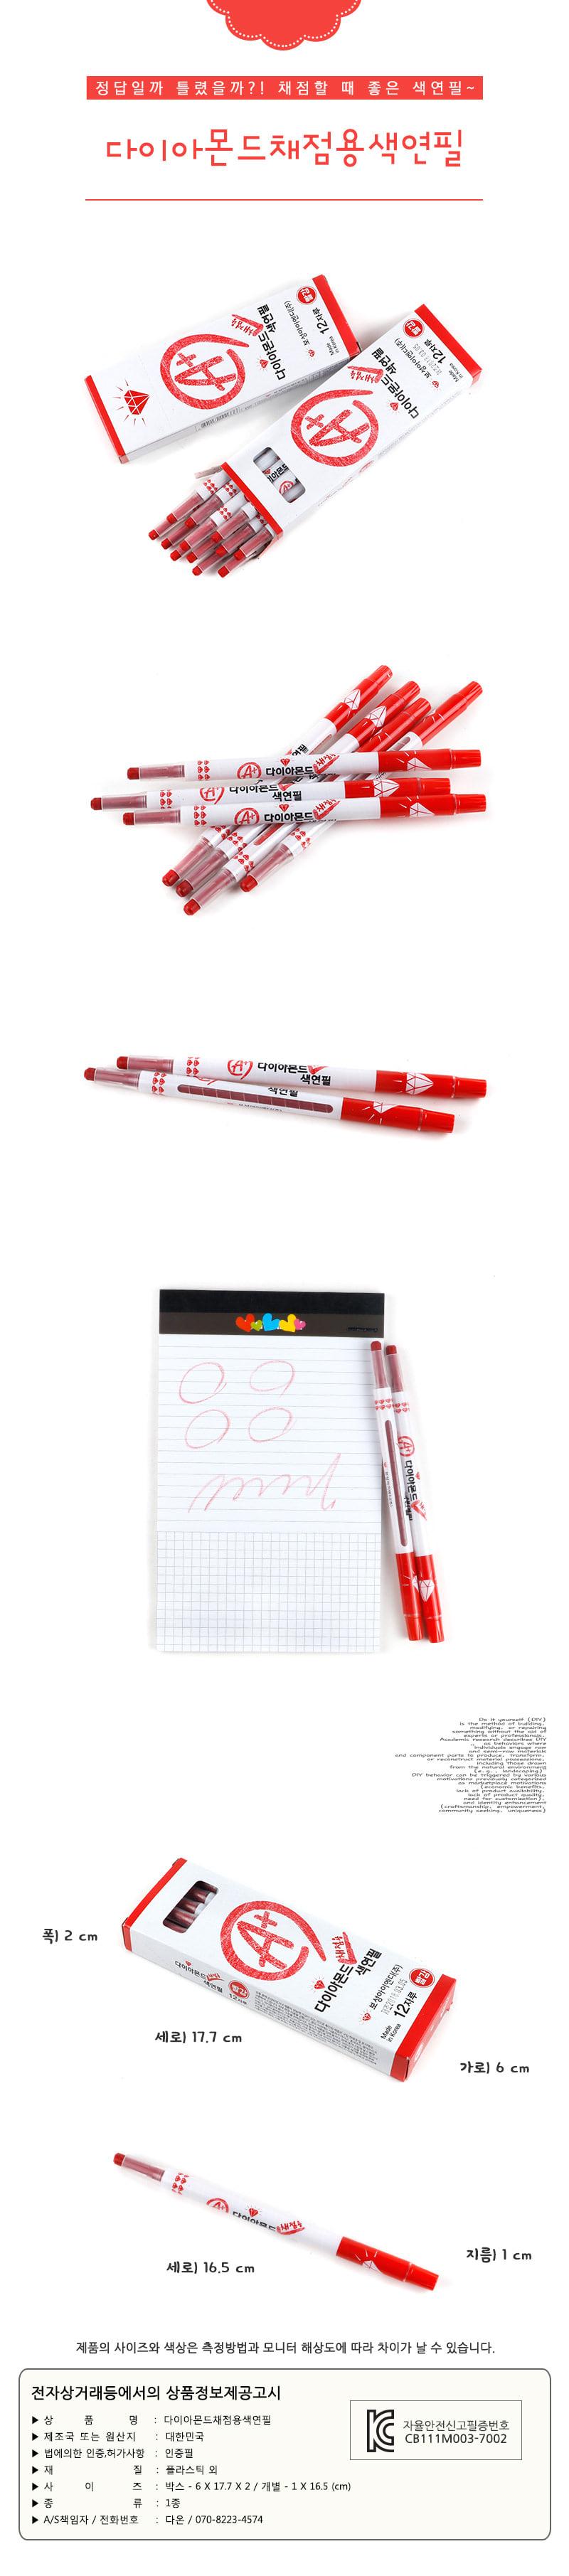 다이아몬드채점용색연필12본세트 - 아토, 4,000원, 색연필/사인펜/크레파스, 색연필